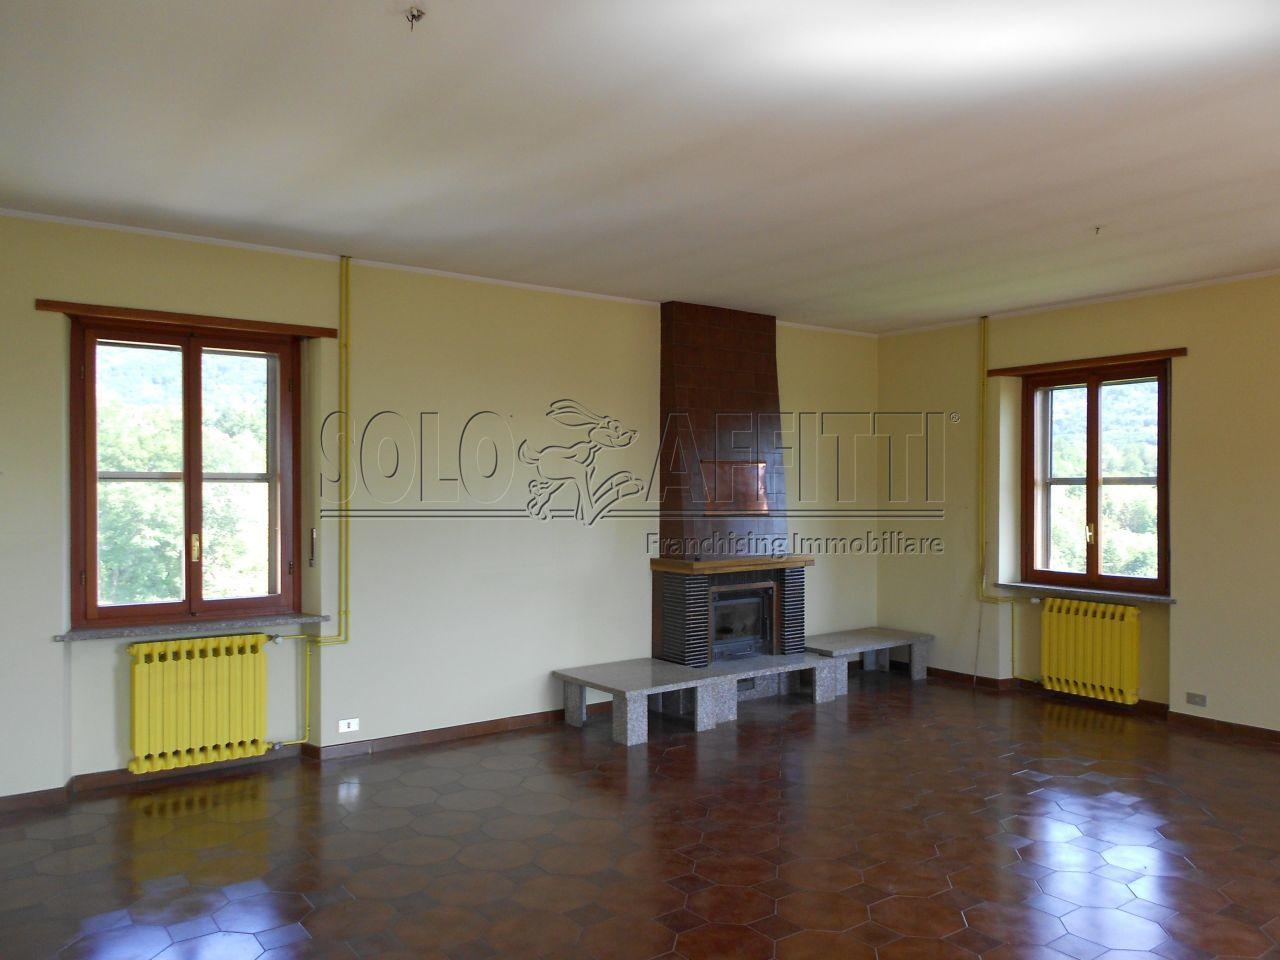 Appartamento Quadrilocale 160 mq.